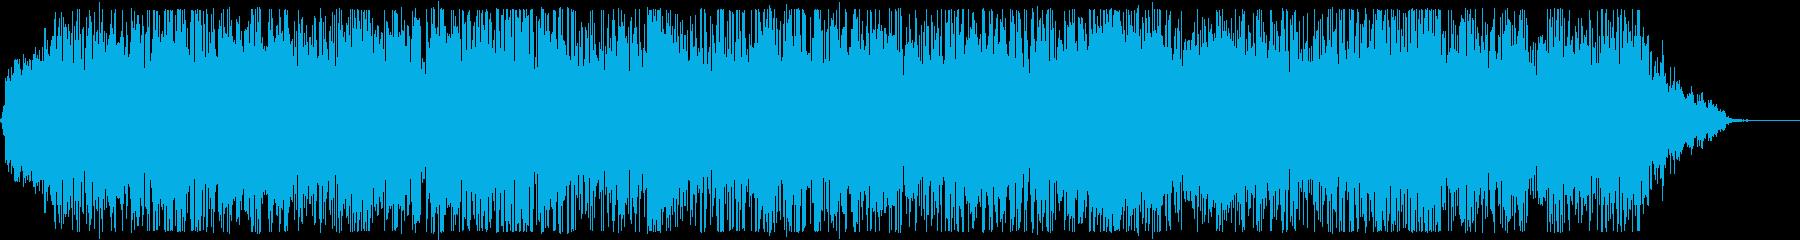 ホラーで不気味にカラコロ鳴るオルゴールの再生済みの波形